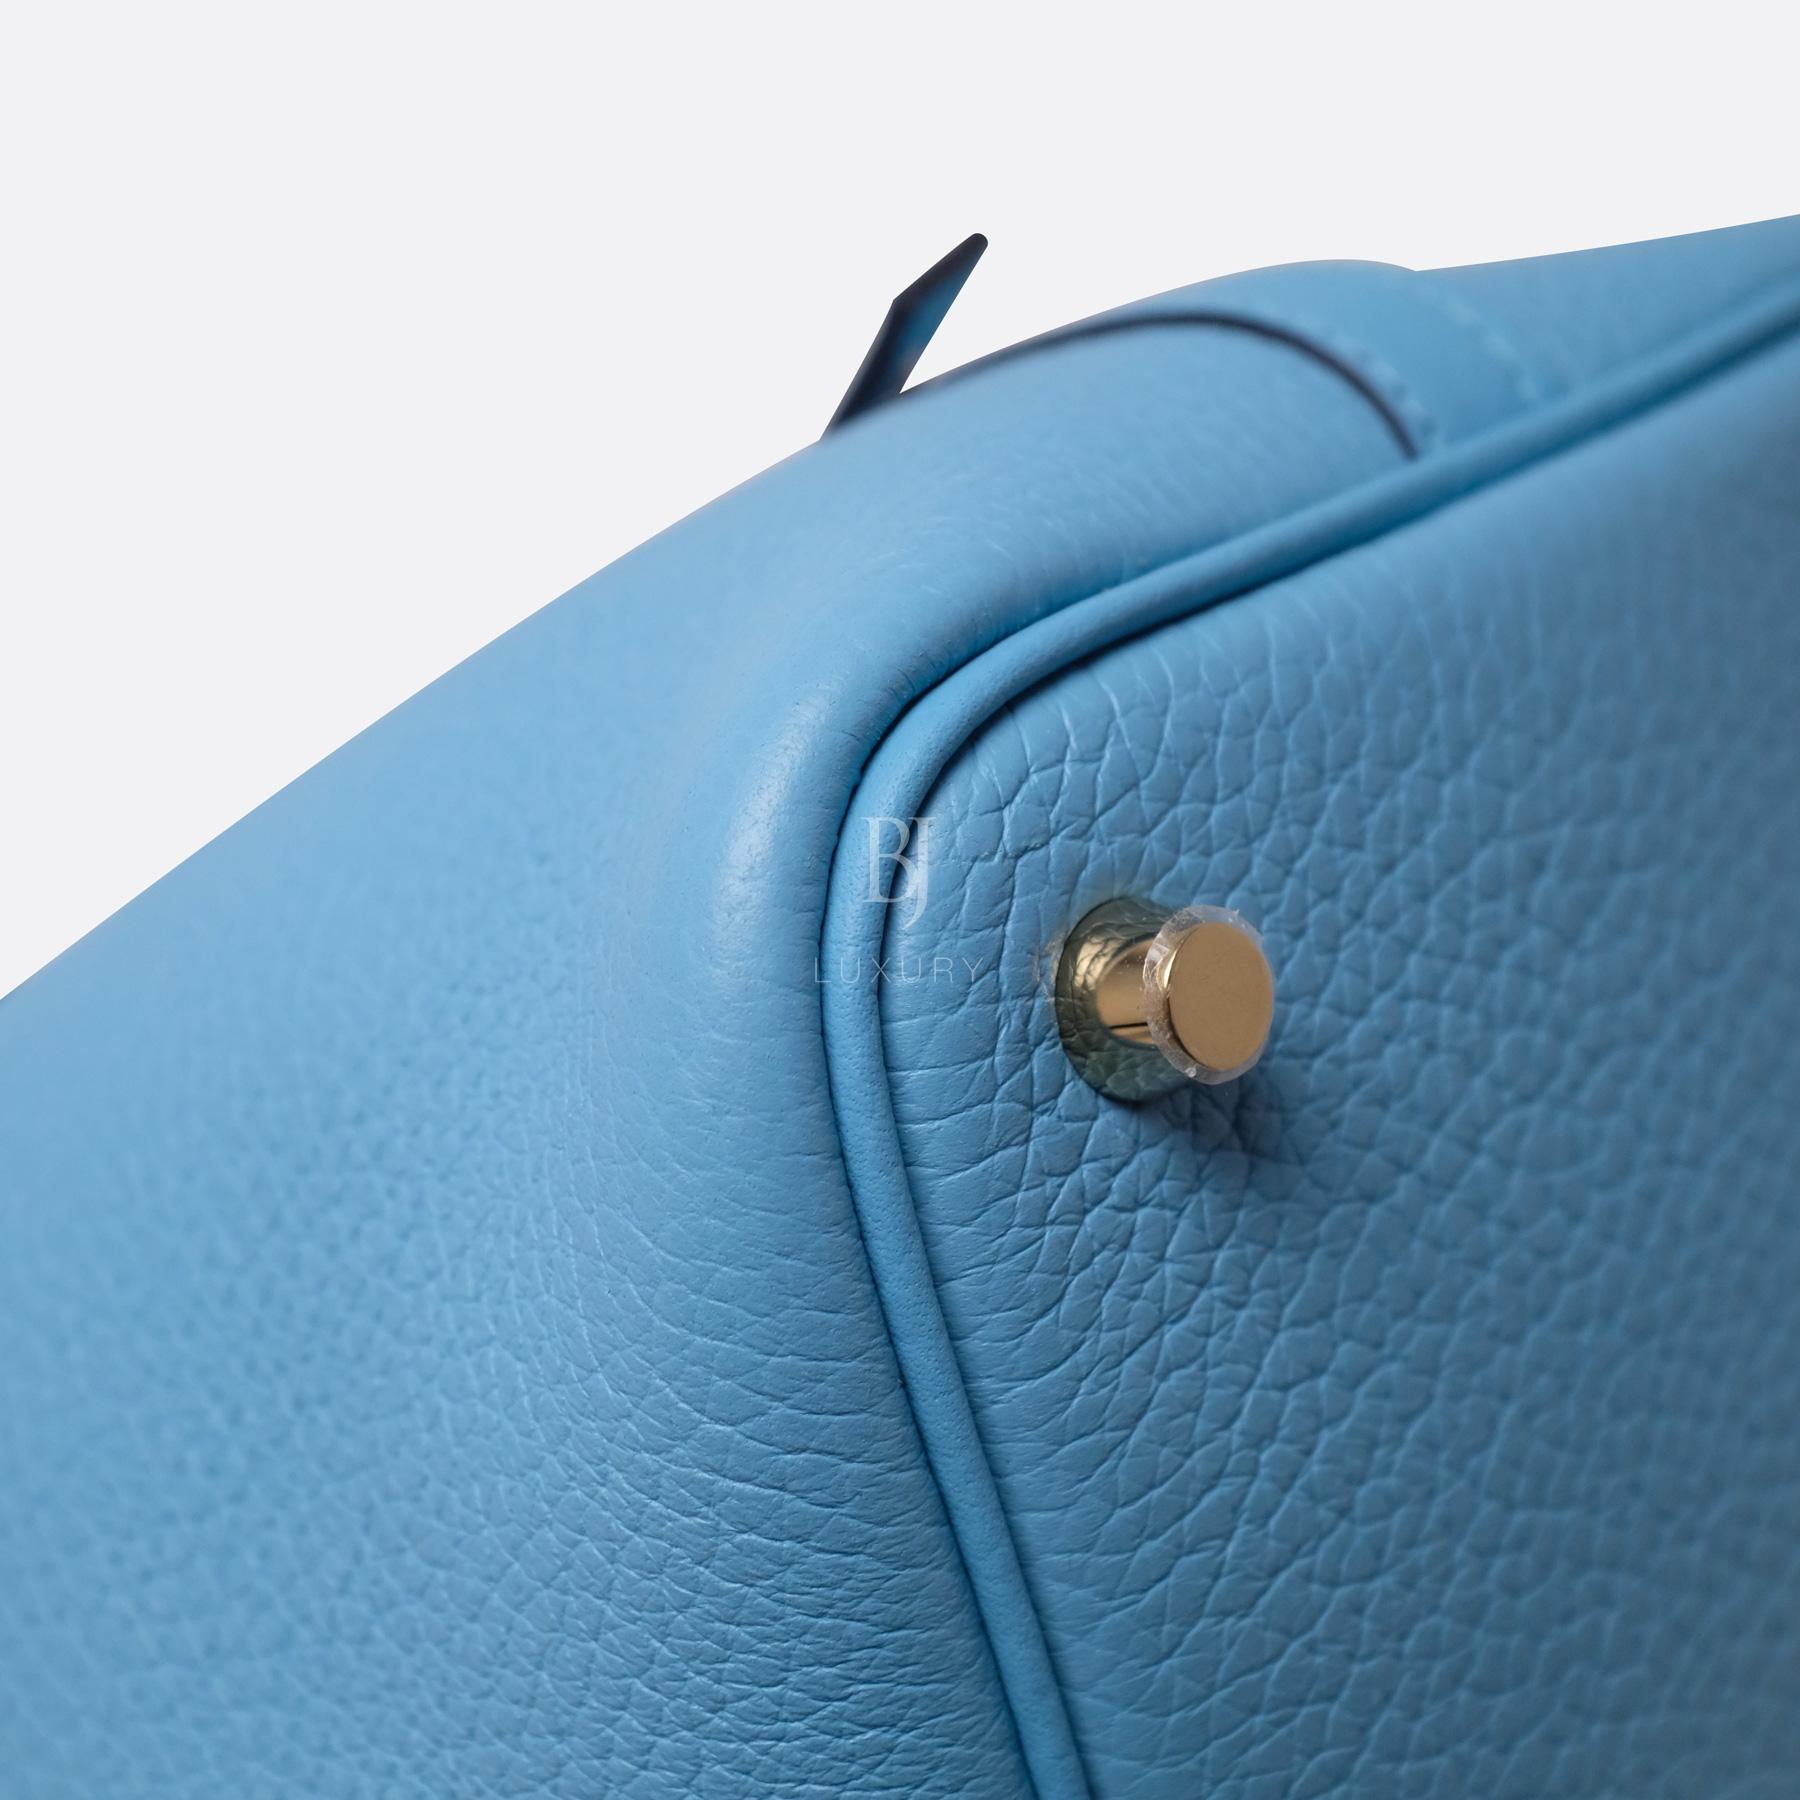 Hermes Picotin 18 Bleu Du Nord Clemence Gold BJ Luxury 7.jpg